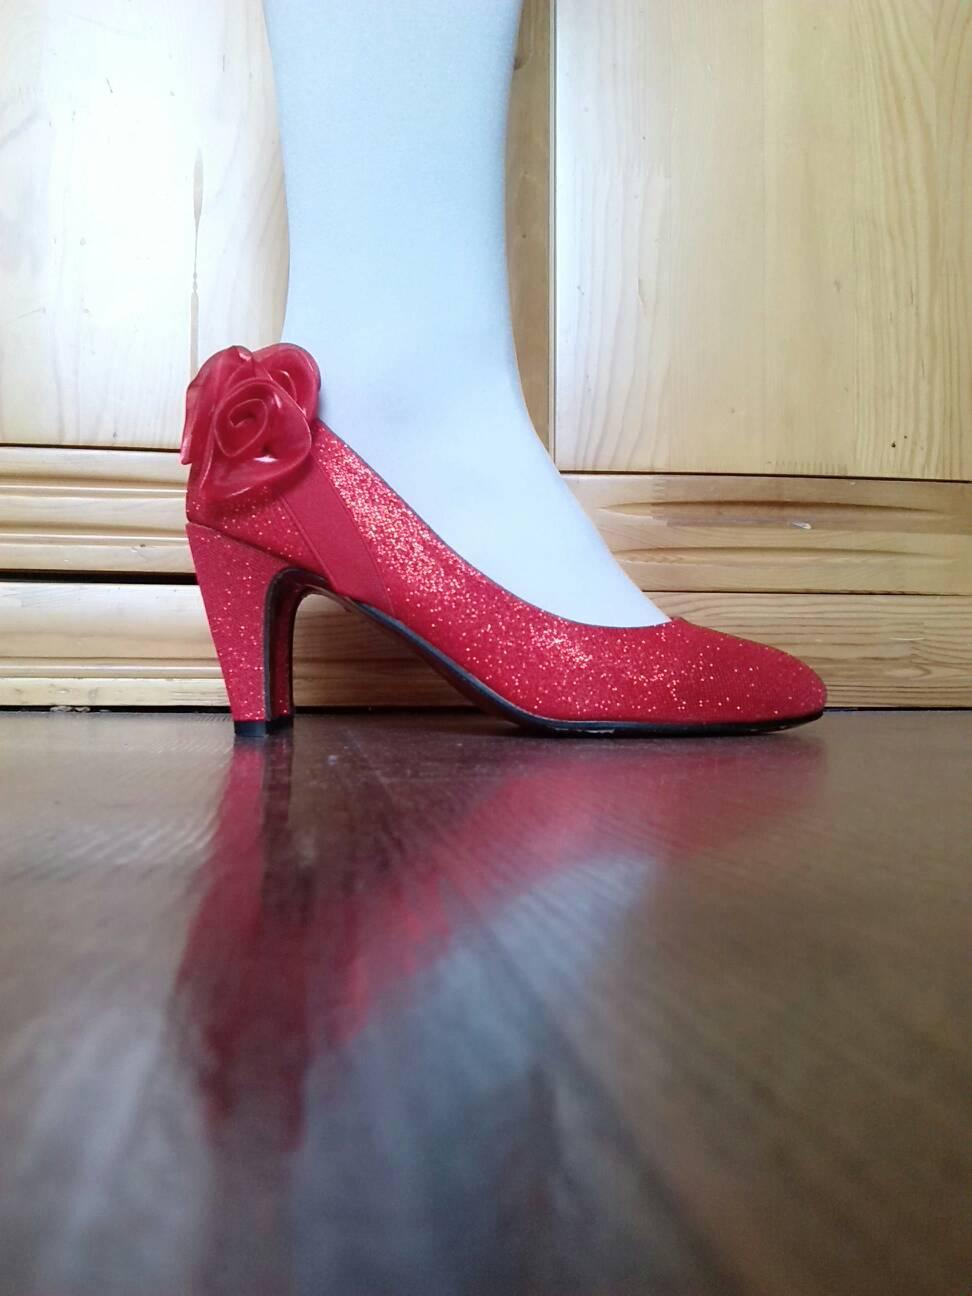 大红色的高跟鞋搭配纯白色的连裤丝袜可以吗?图片